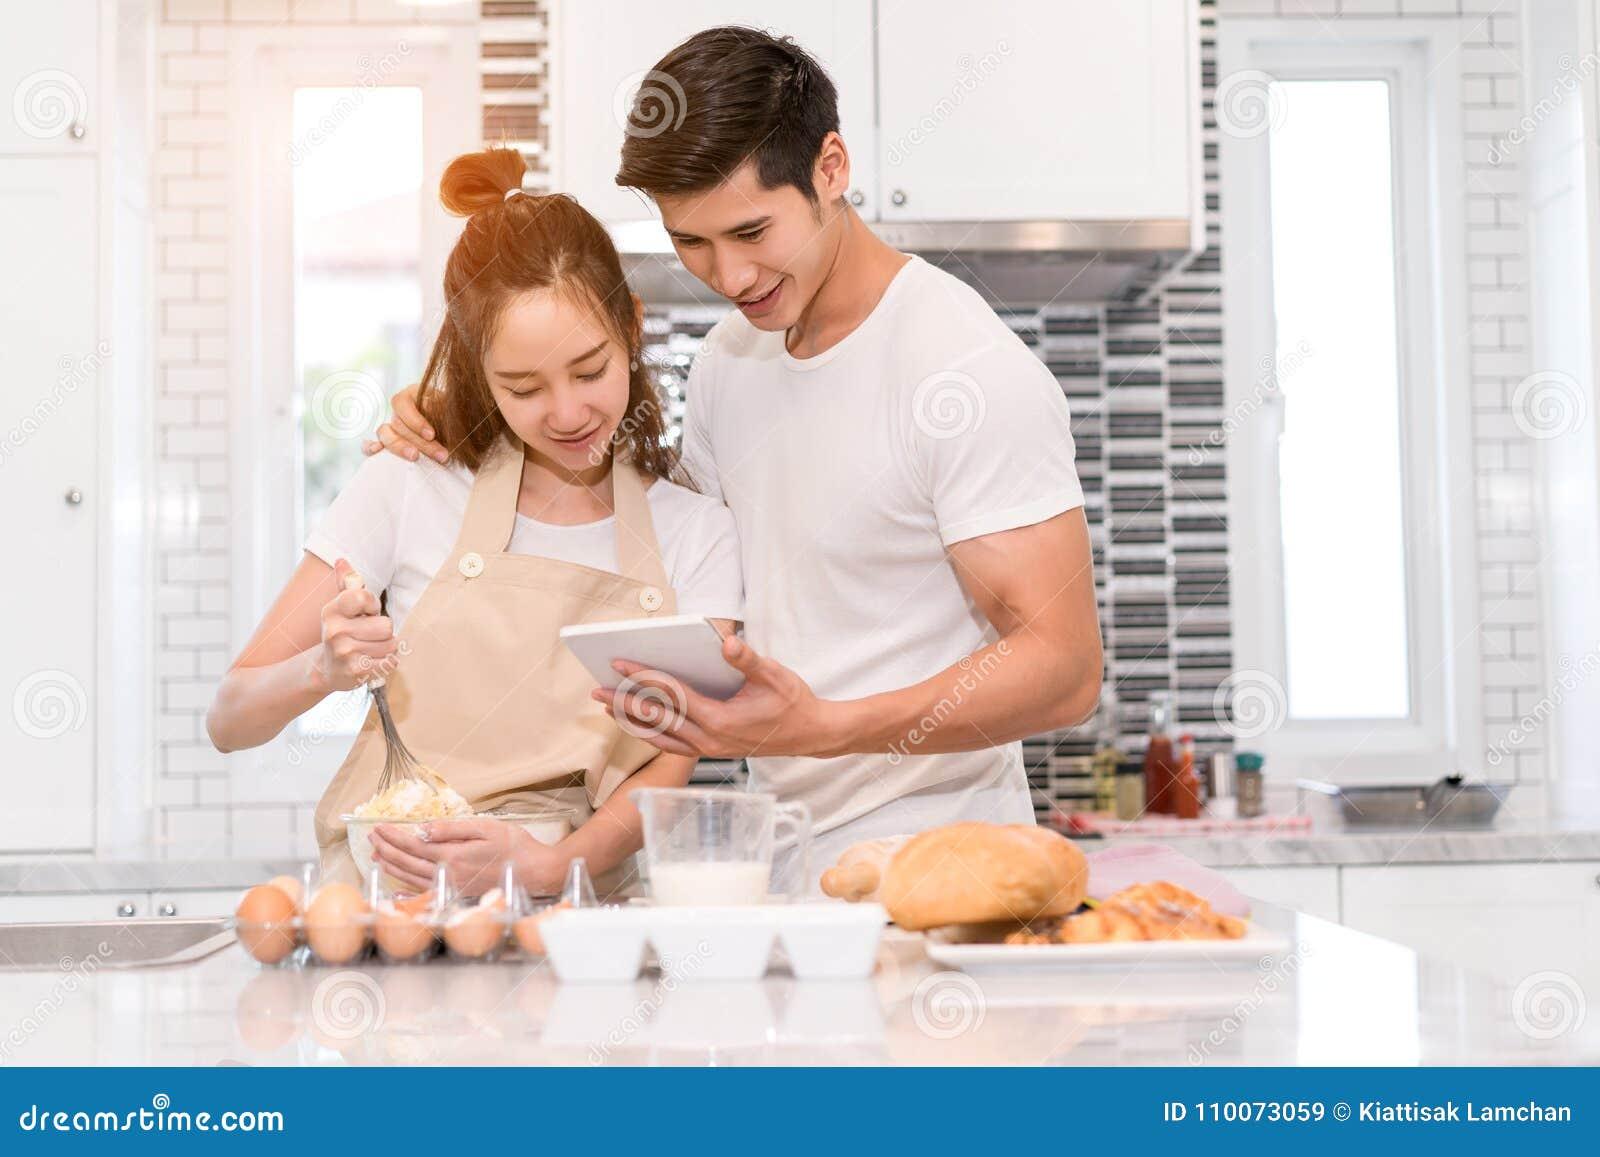 Jong paar samen het koken, Vrouwen eerste barst een ei en gezet in een kom